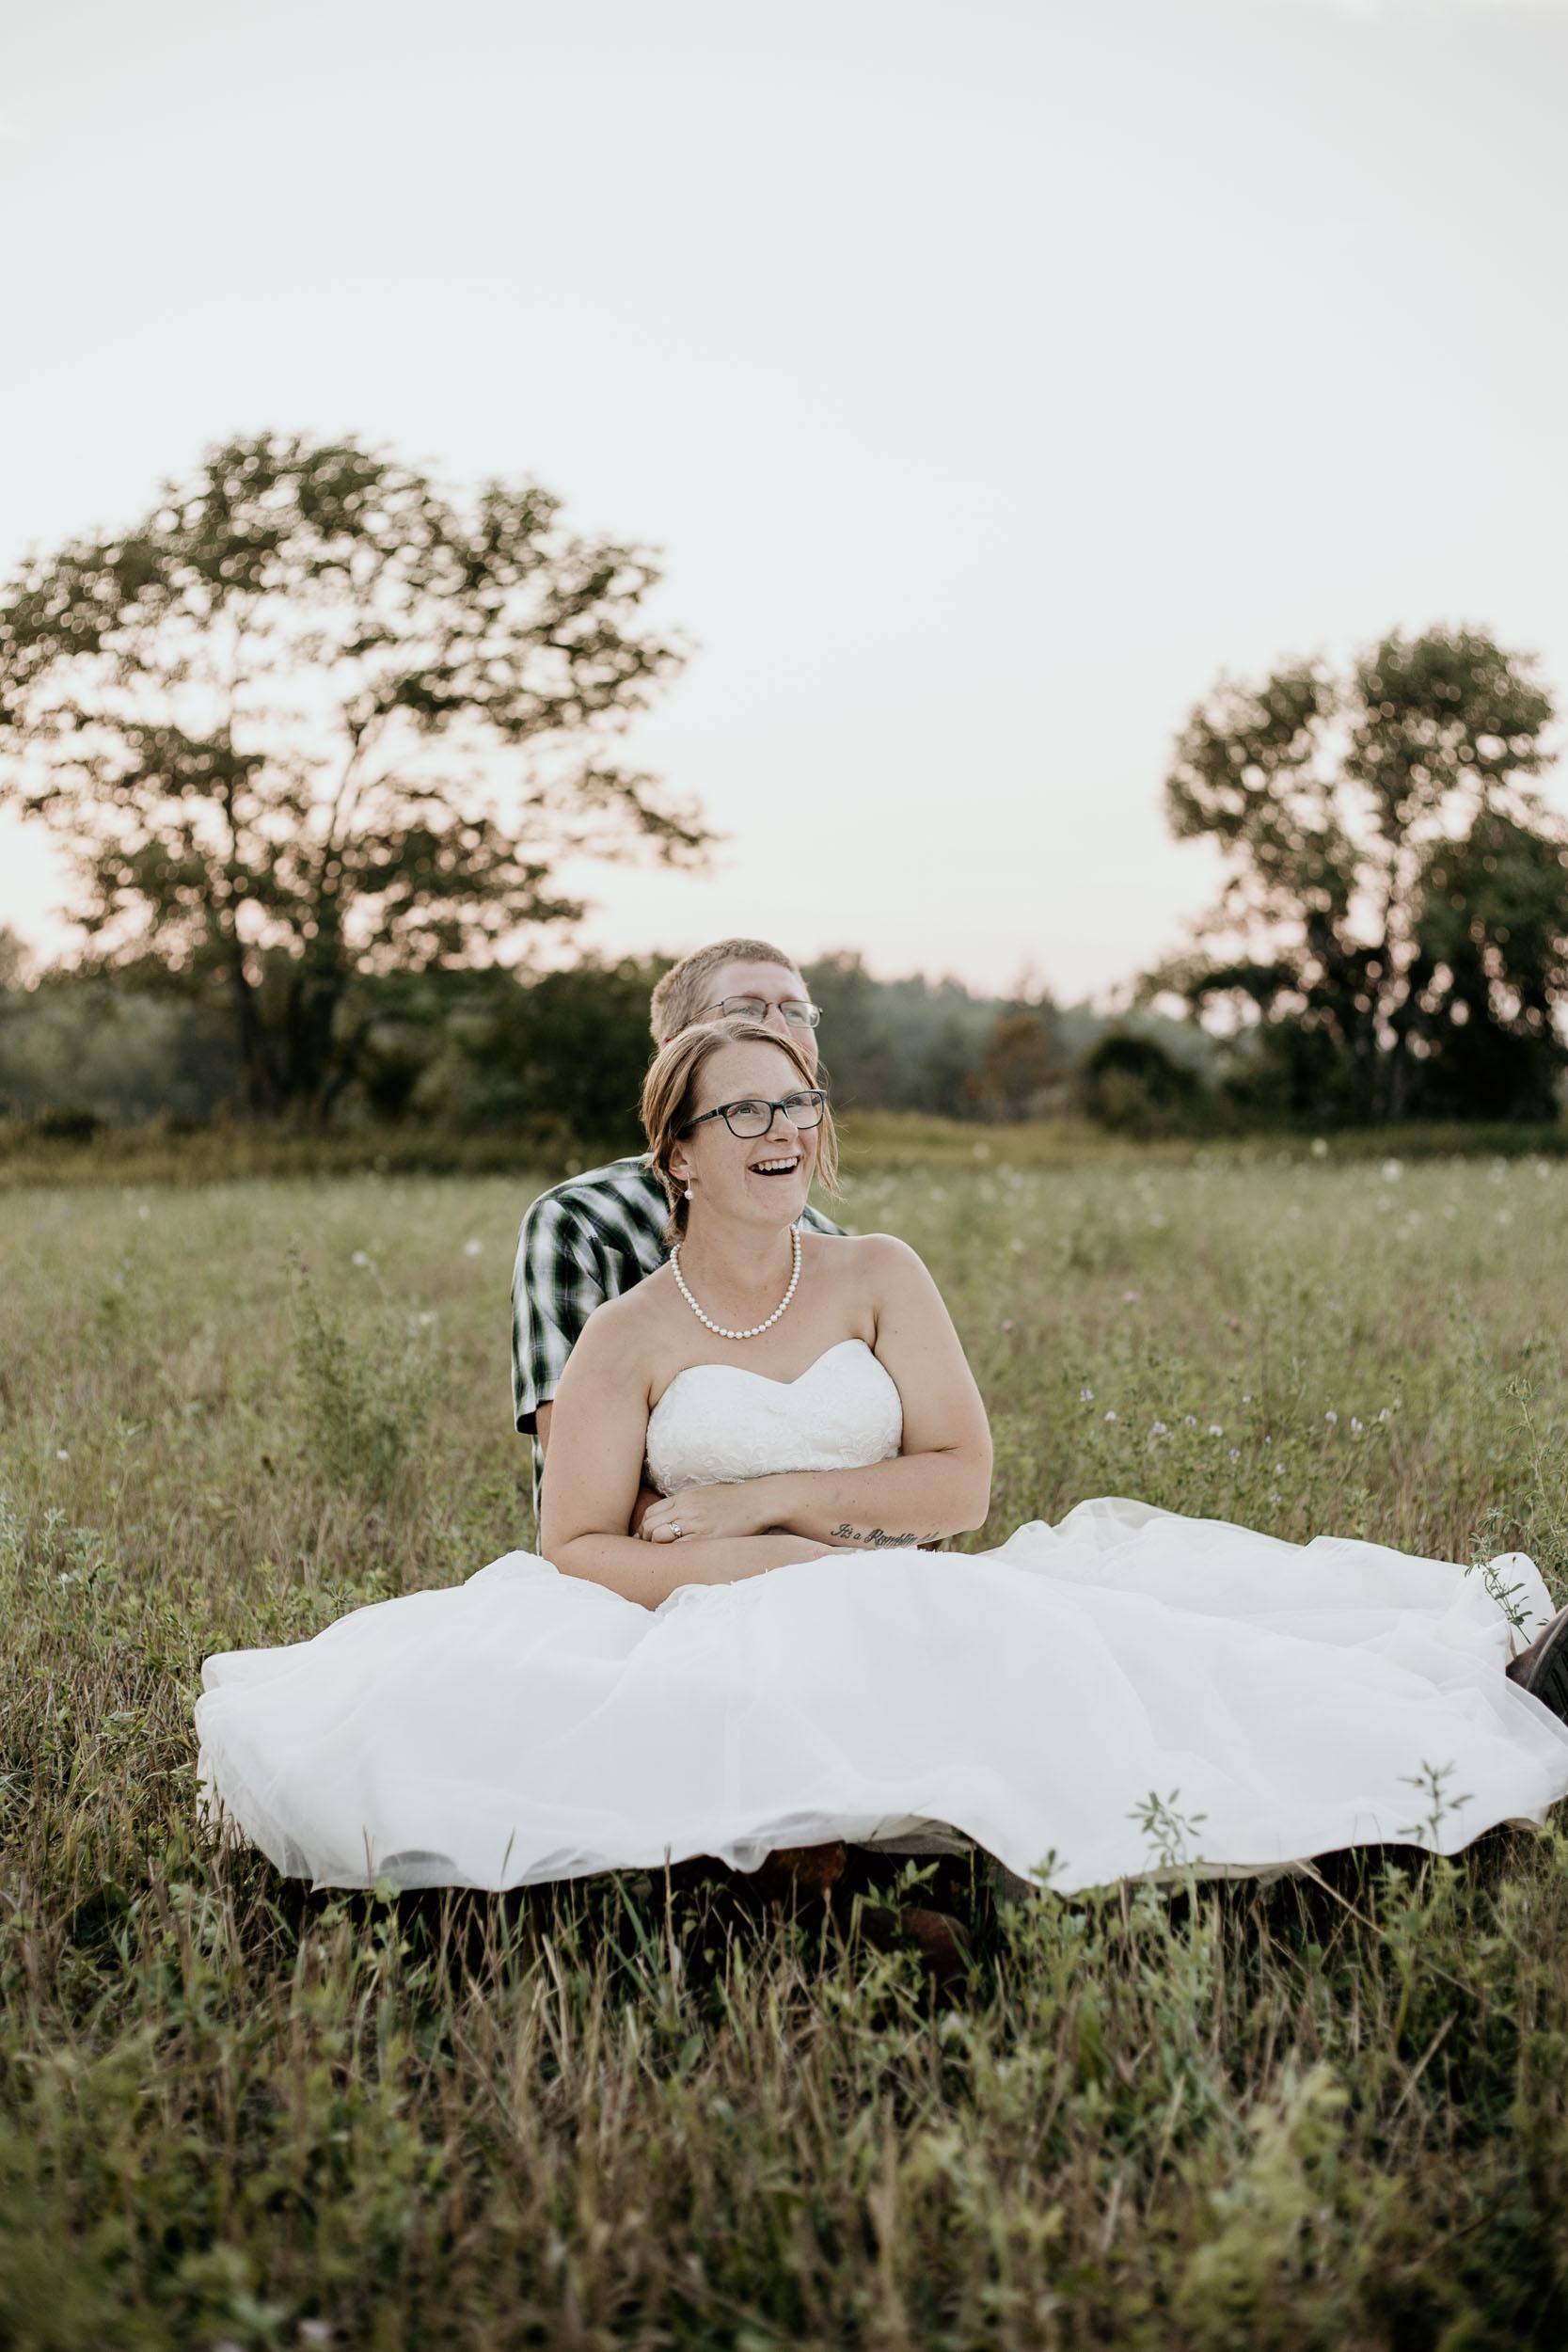 intimate-wedding-elopement-photographer-ottawa-joshua-tree-3145.jpg